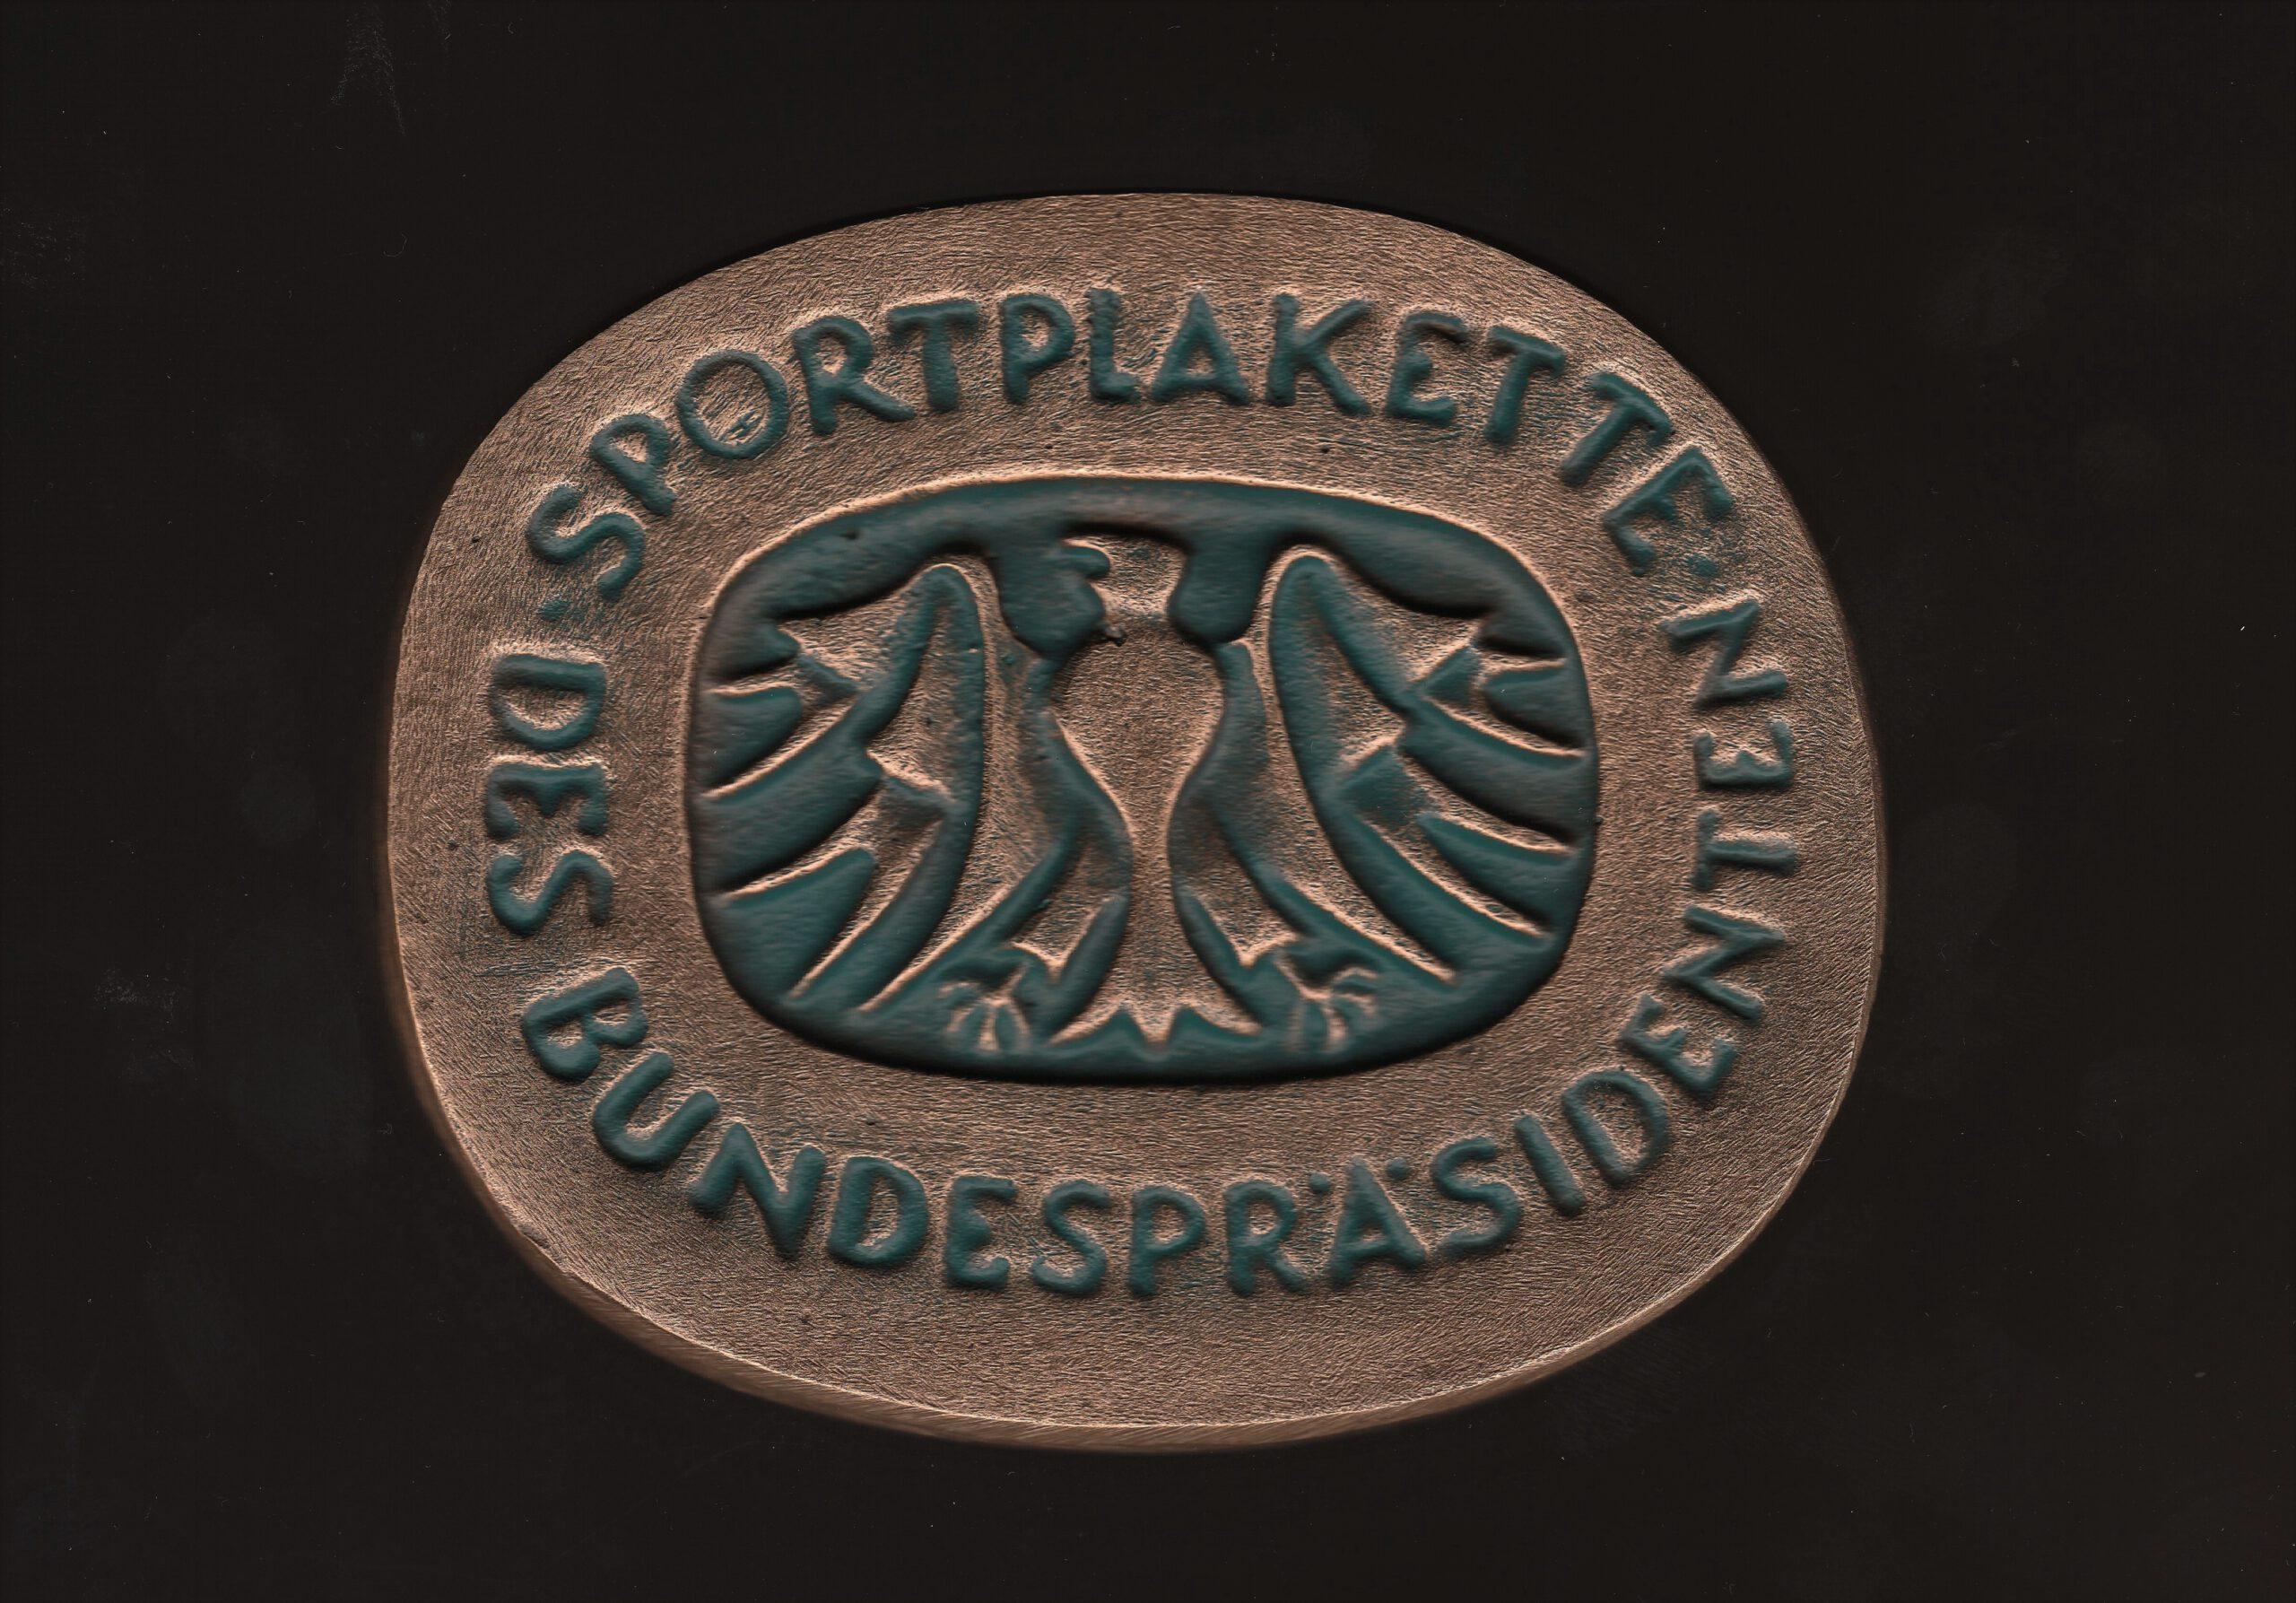 Bundespräsident verleiht SV Preußen Sportplakette